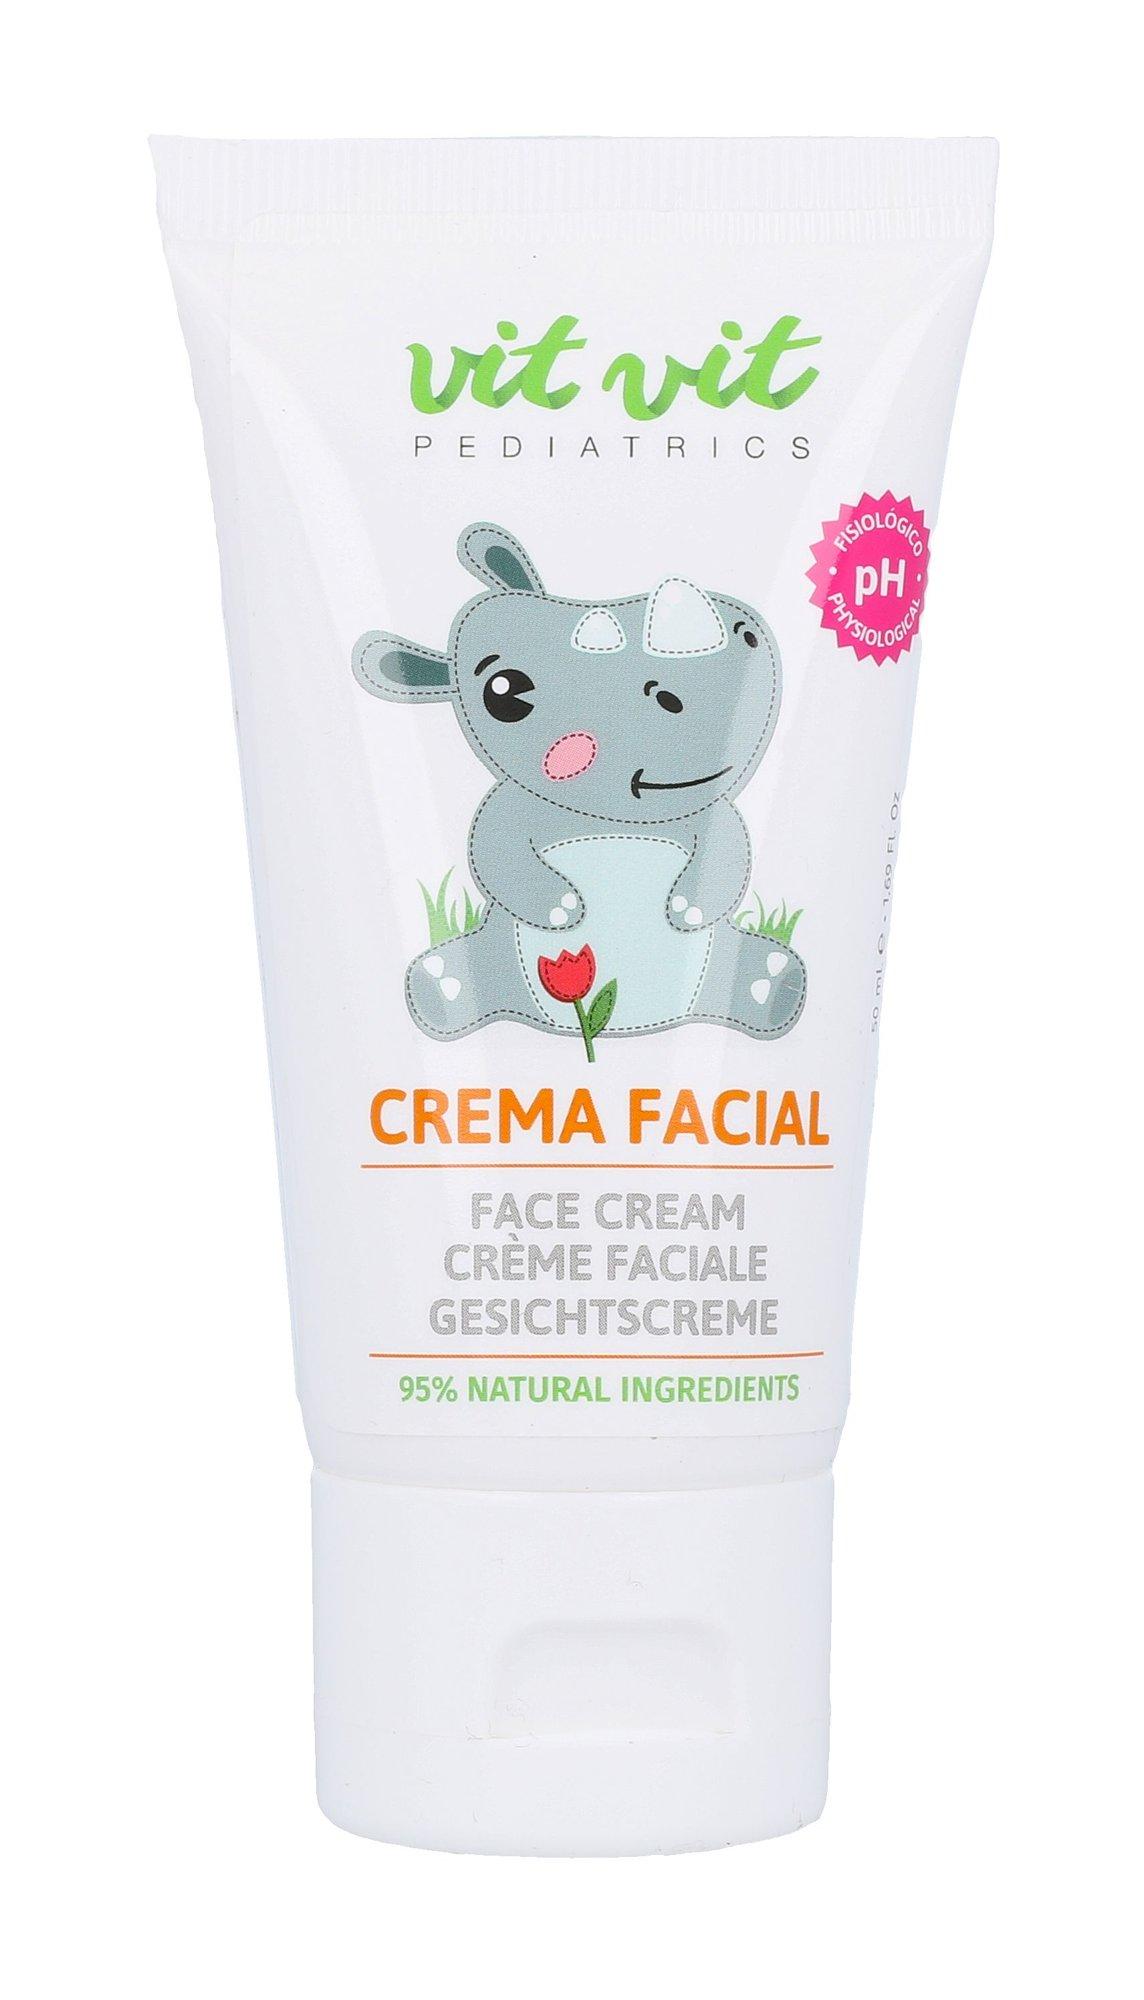 Diet Esthetic Vit Vit Pediatrics Face Cream Cosmetic 50ml